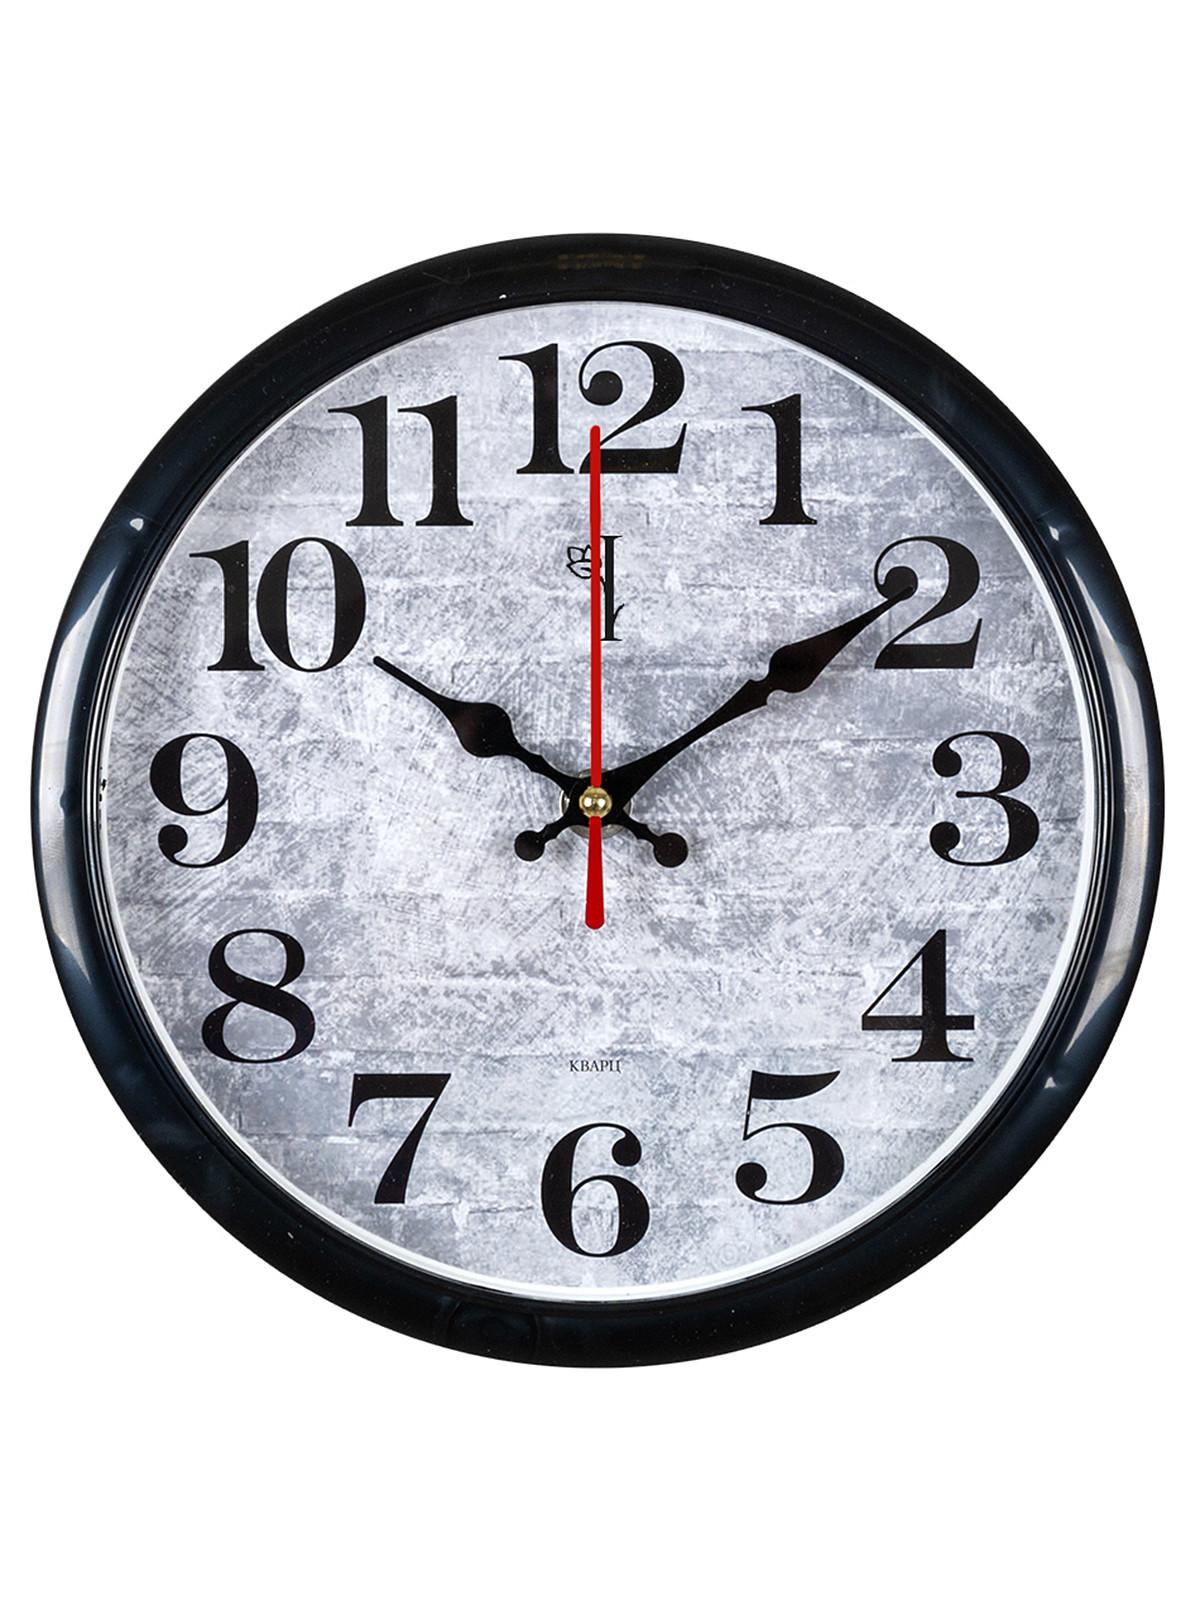 Часы настенные круг d=22см, корпус черный